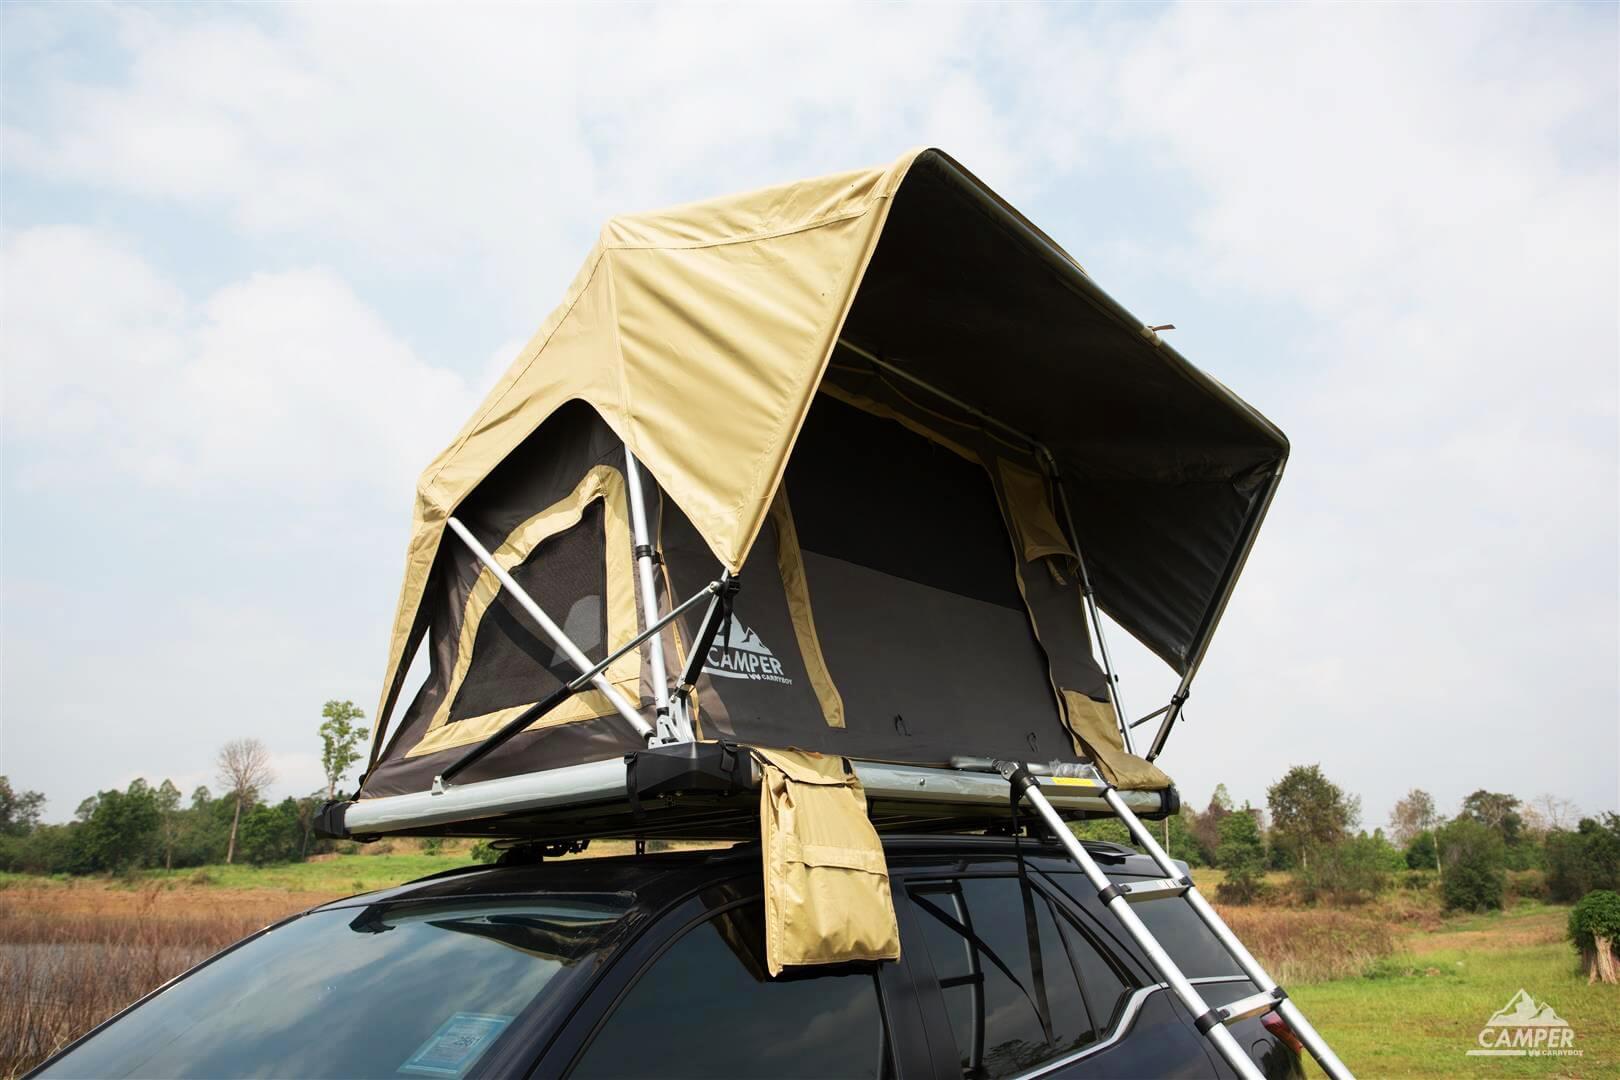 Carryboy Camper Dachzelt für 2 bis 3 Personen für alle Fahrzeuge große seitliche Fenster